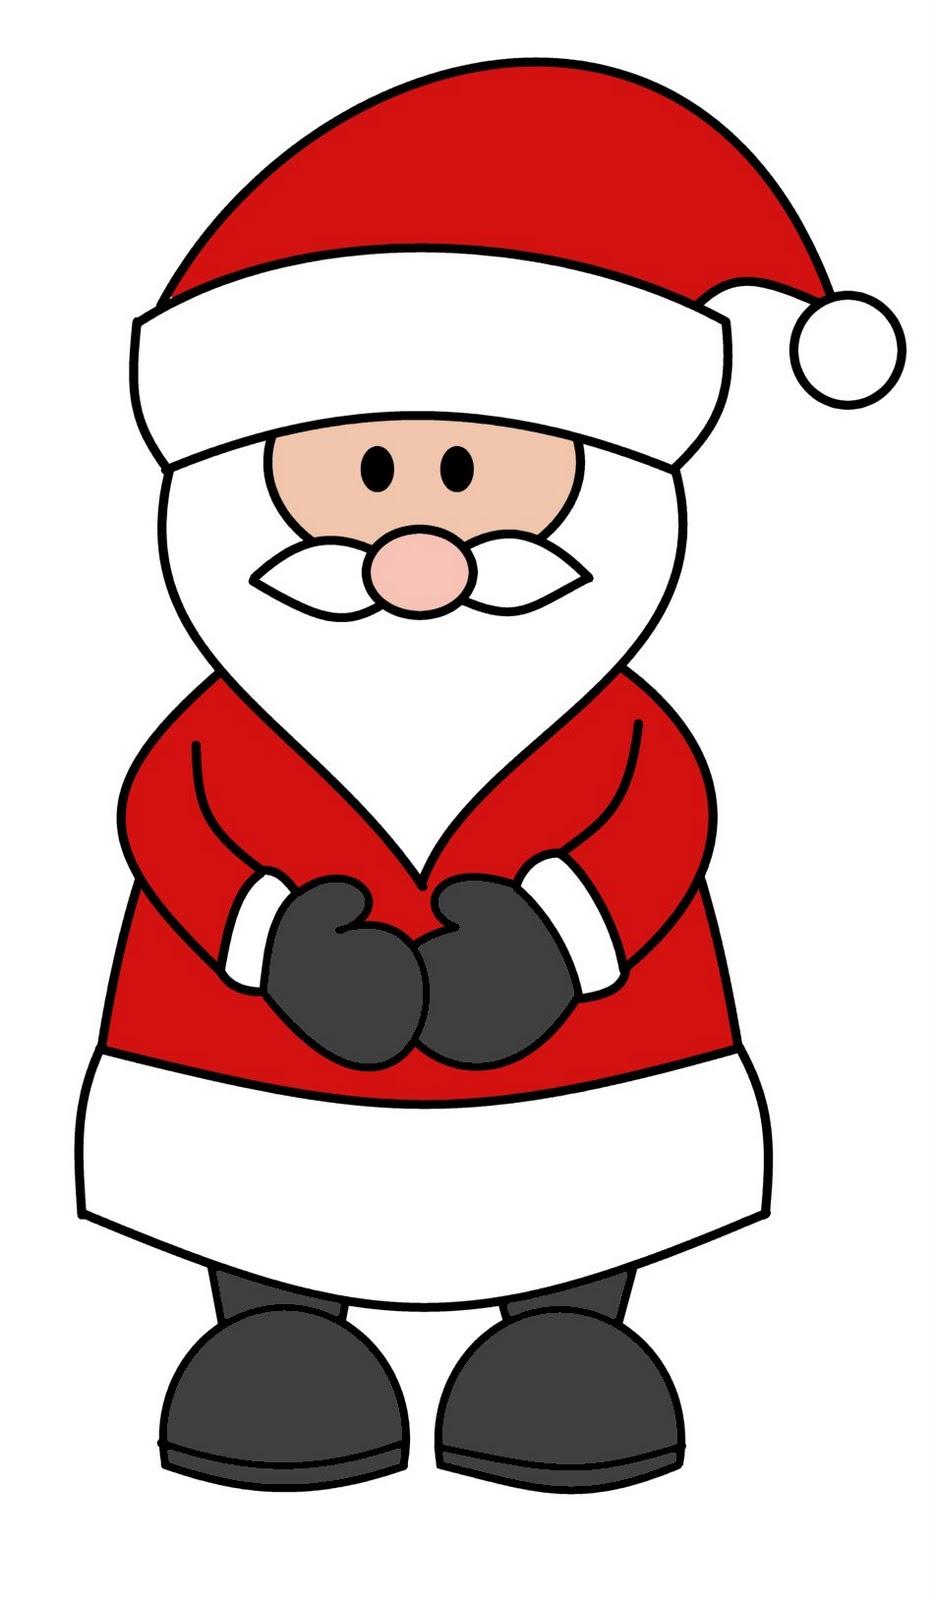 934x1600 How To Draw Cartoons Santa